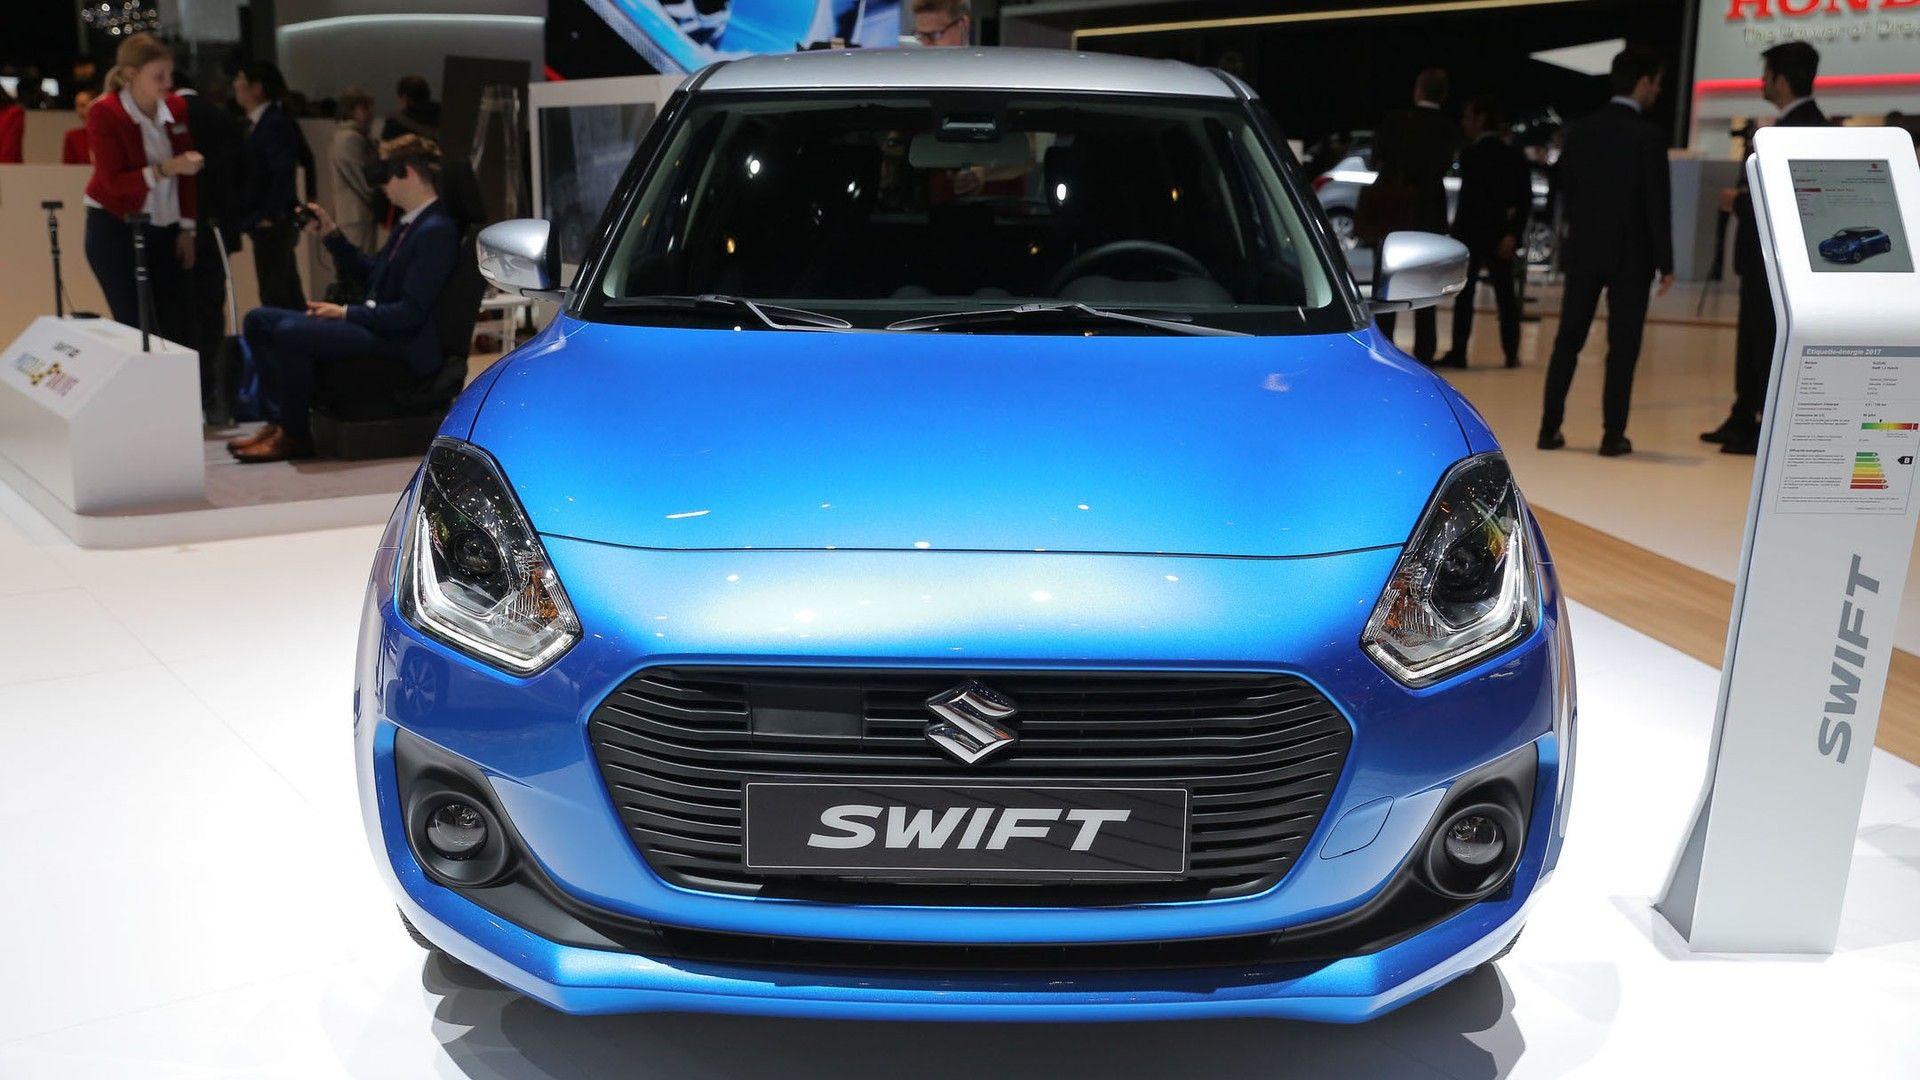 New Suzuki Swift Brings Da Funk For An Awd Hybrid Hatch 2000 Transmission Sd Sensor